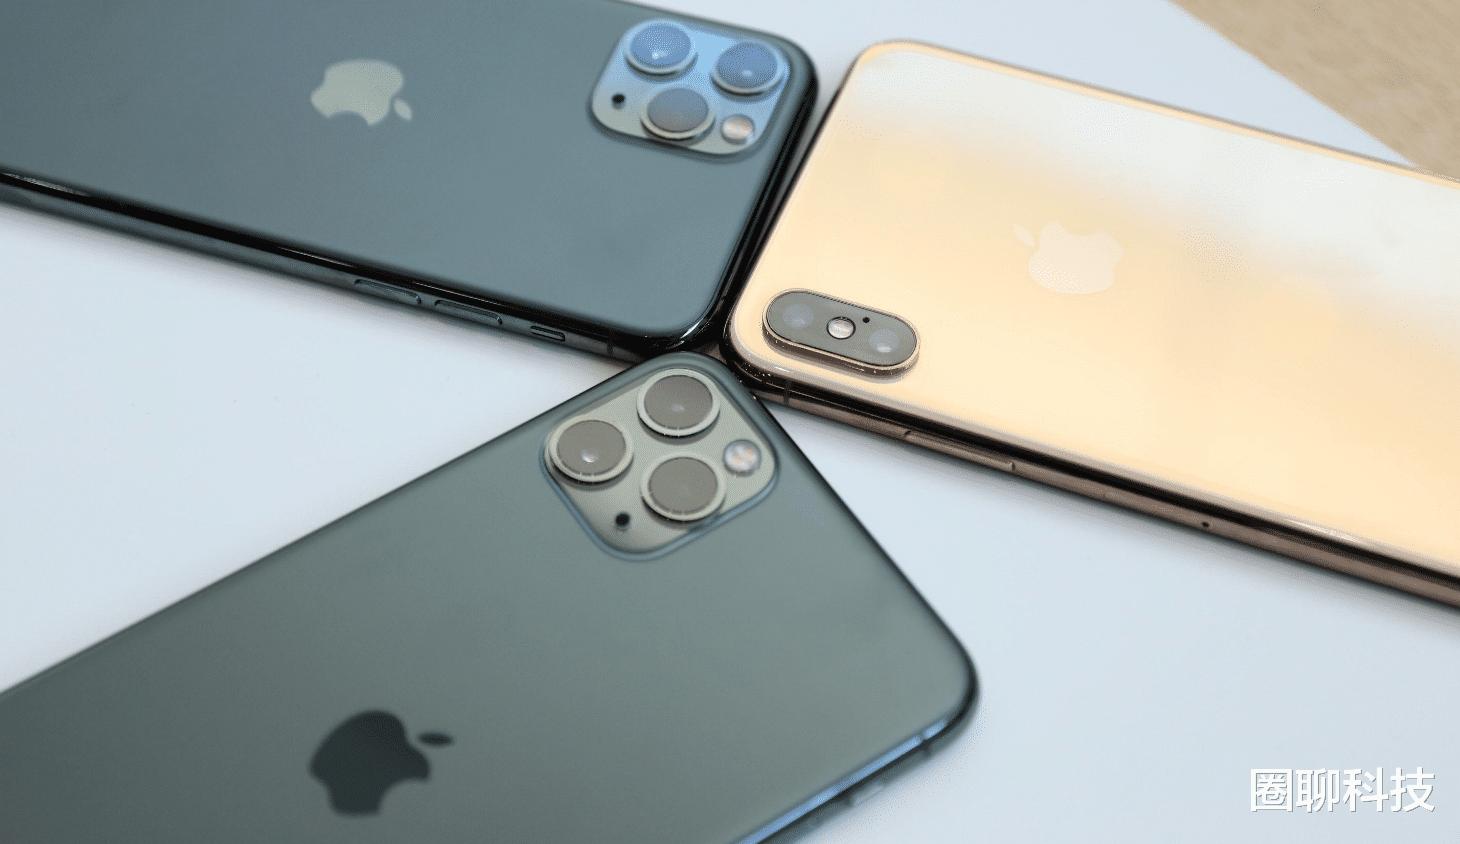 iPhone11销量迎反转!价格涨了为何还成销量王? 数码科技 第4张